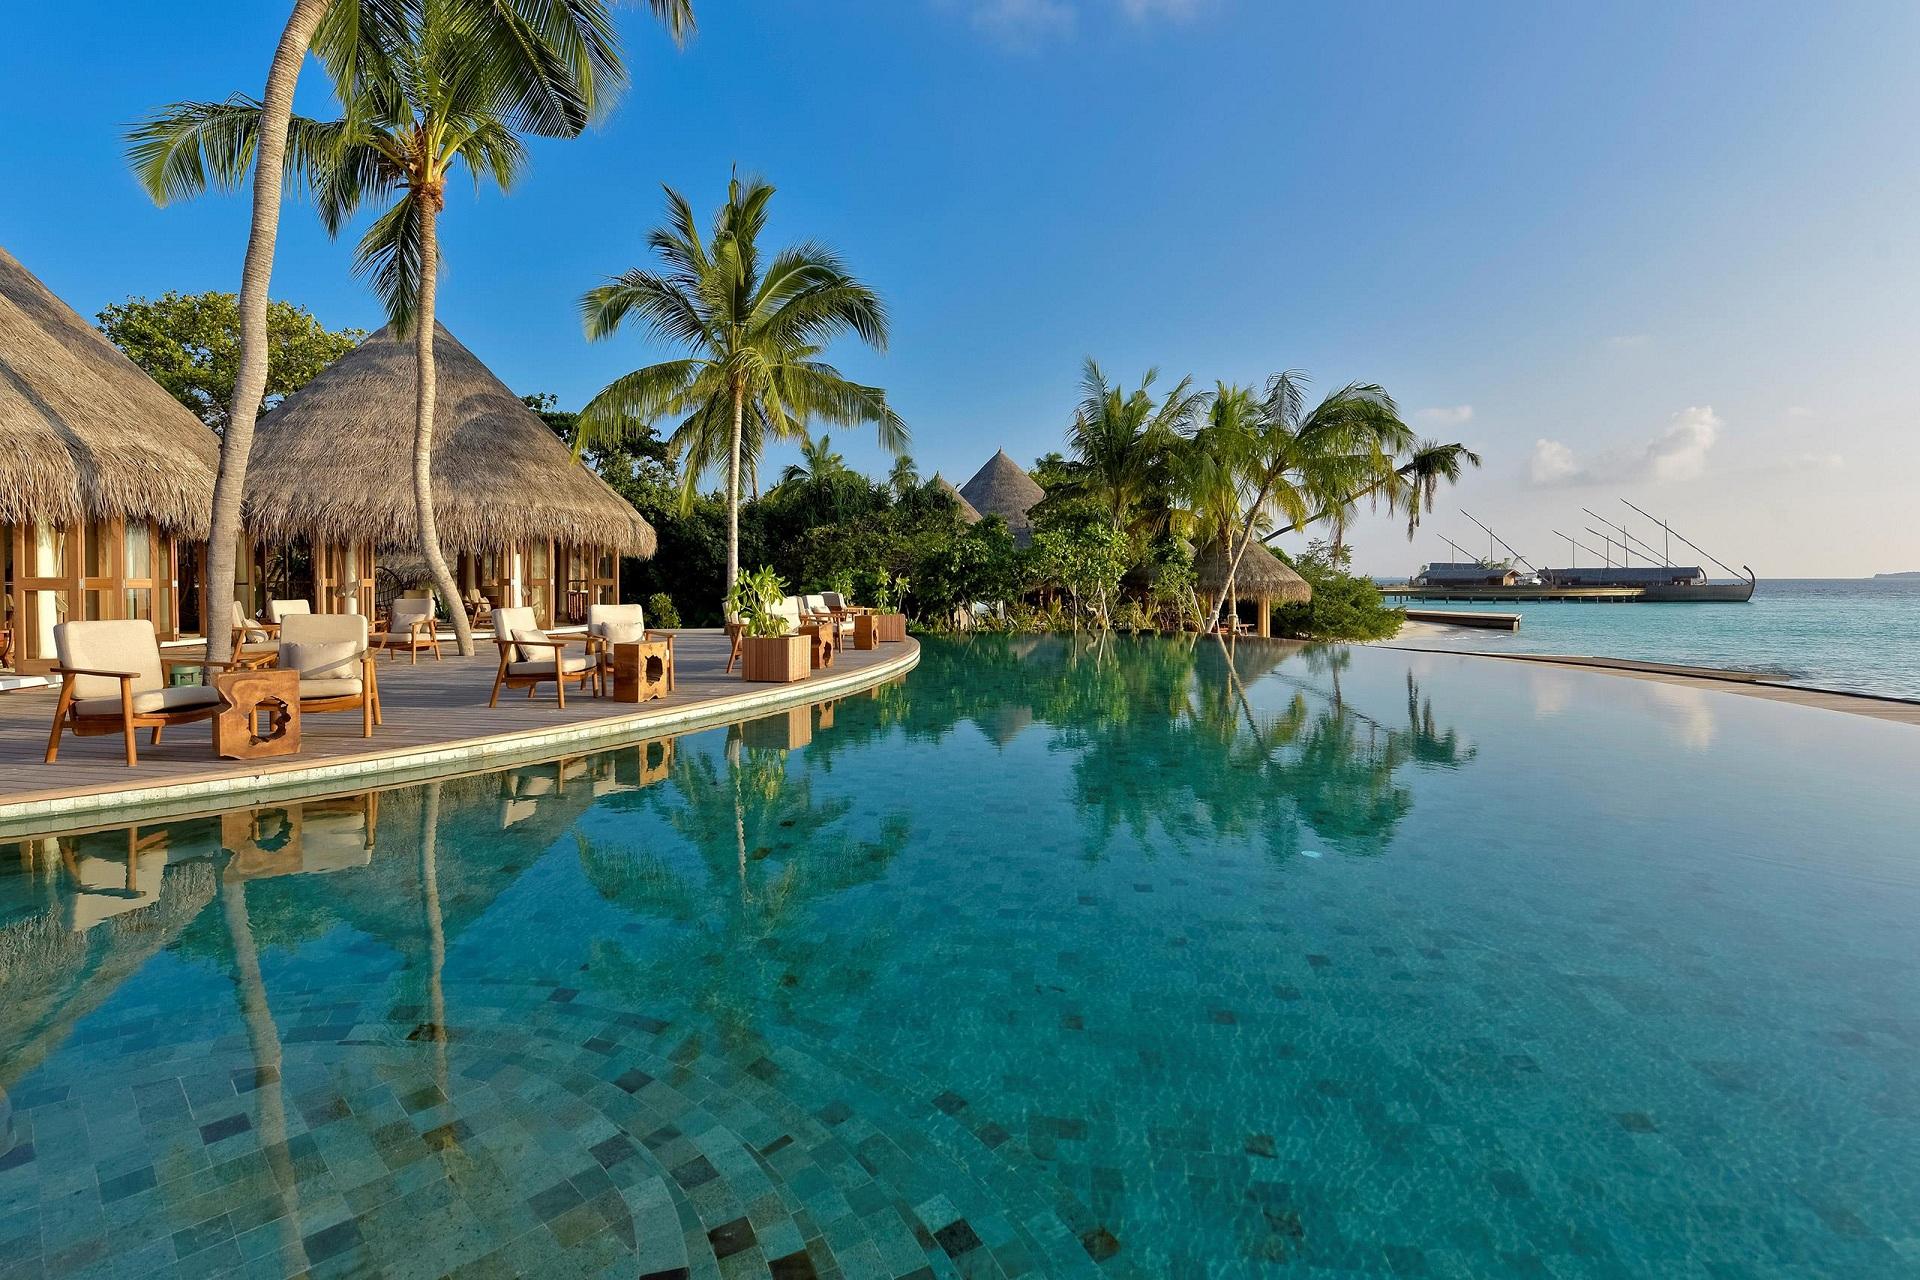 Бутик-отель Milaidhoo Island Maldives: 5 причин, почему стоит здесь поселиться-Фото 3